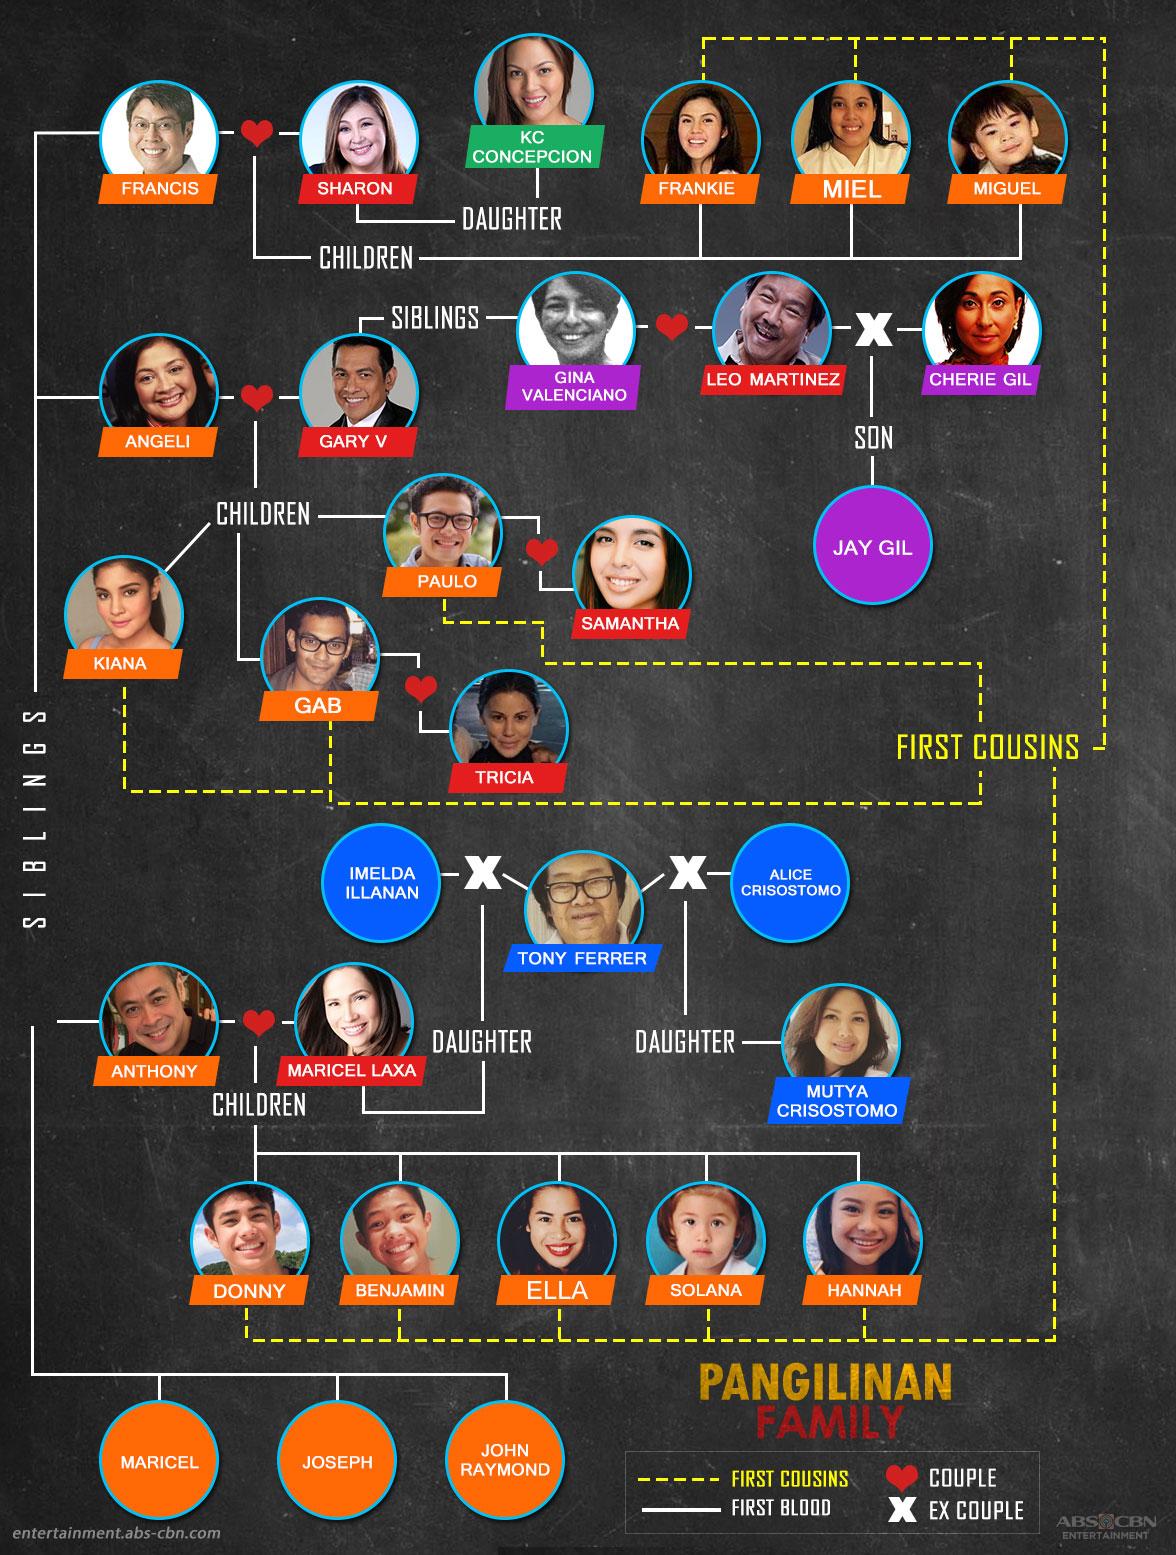 Kapamilya Tree The Pangilinan Family 1